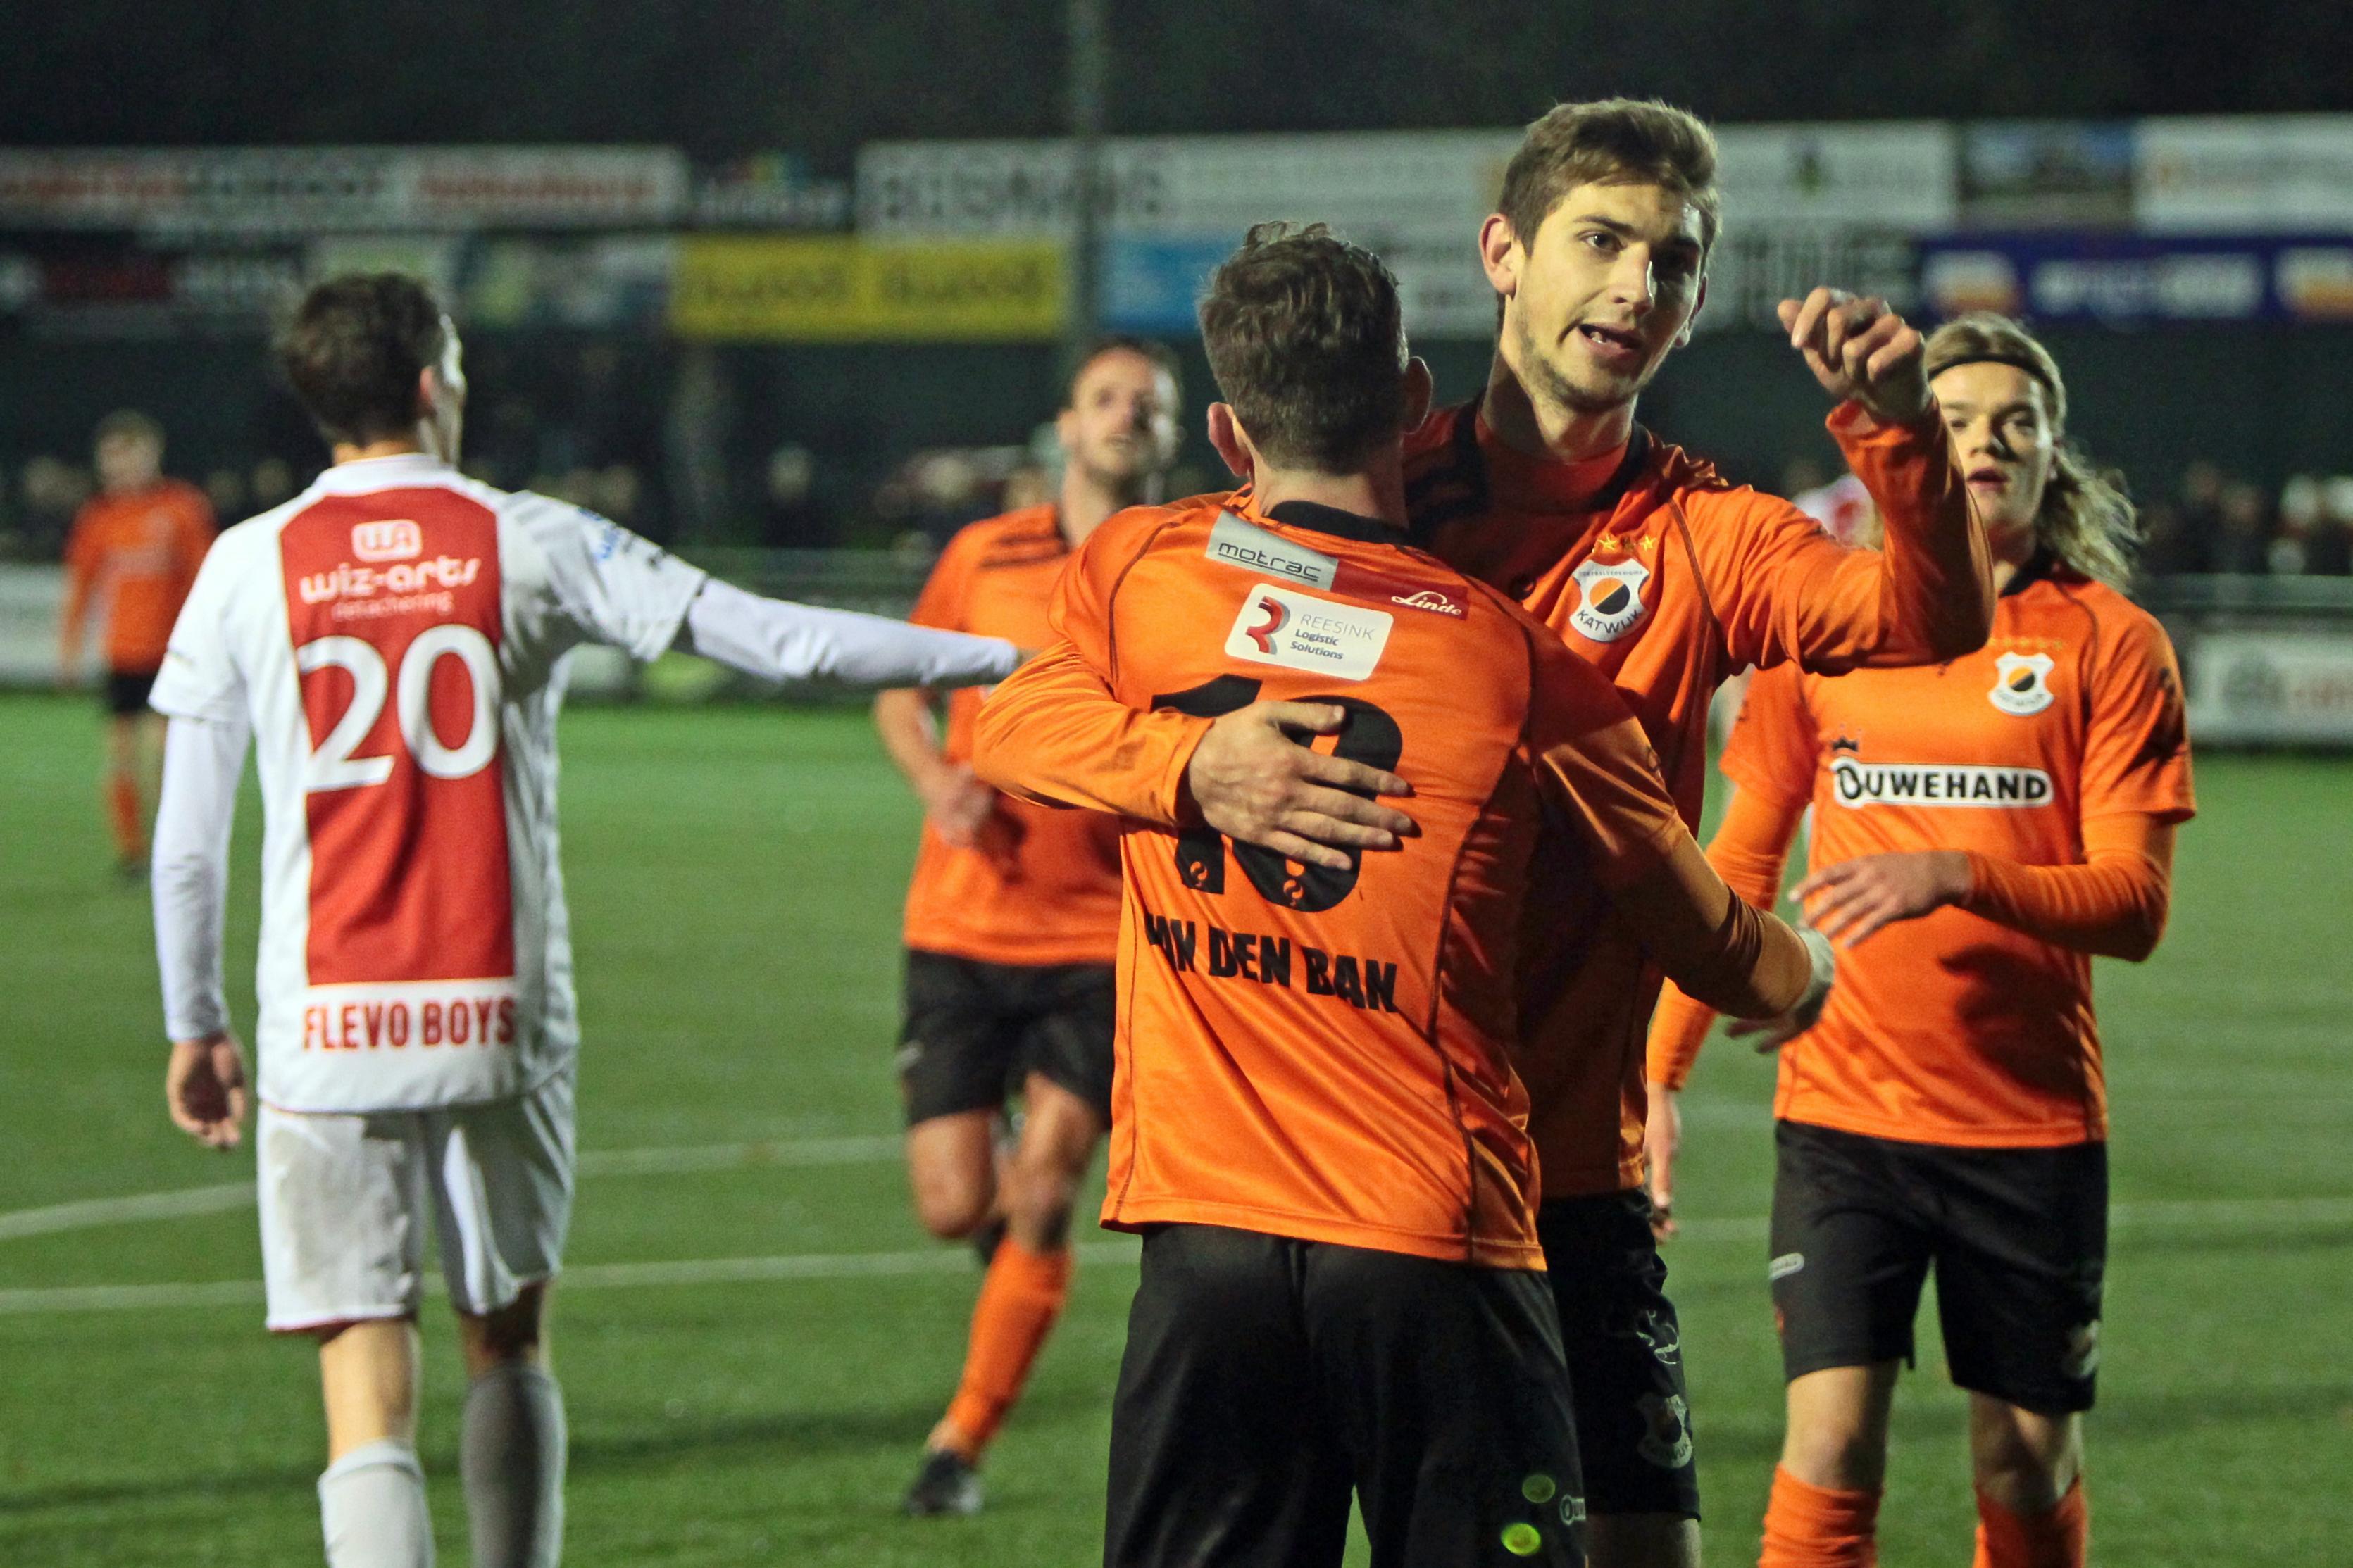 Bijzondere middag voor Jordy Hilterman die met Katwijk aantreedt tegen zijn nieuwe club Koninklijke HFC